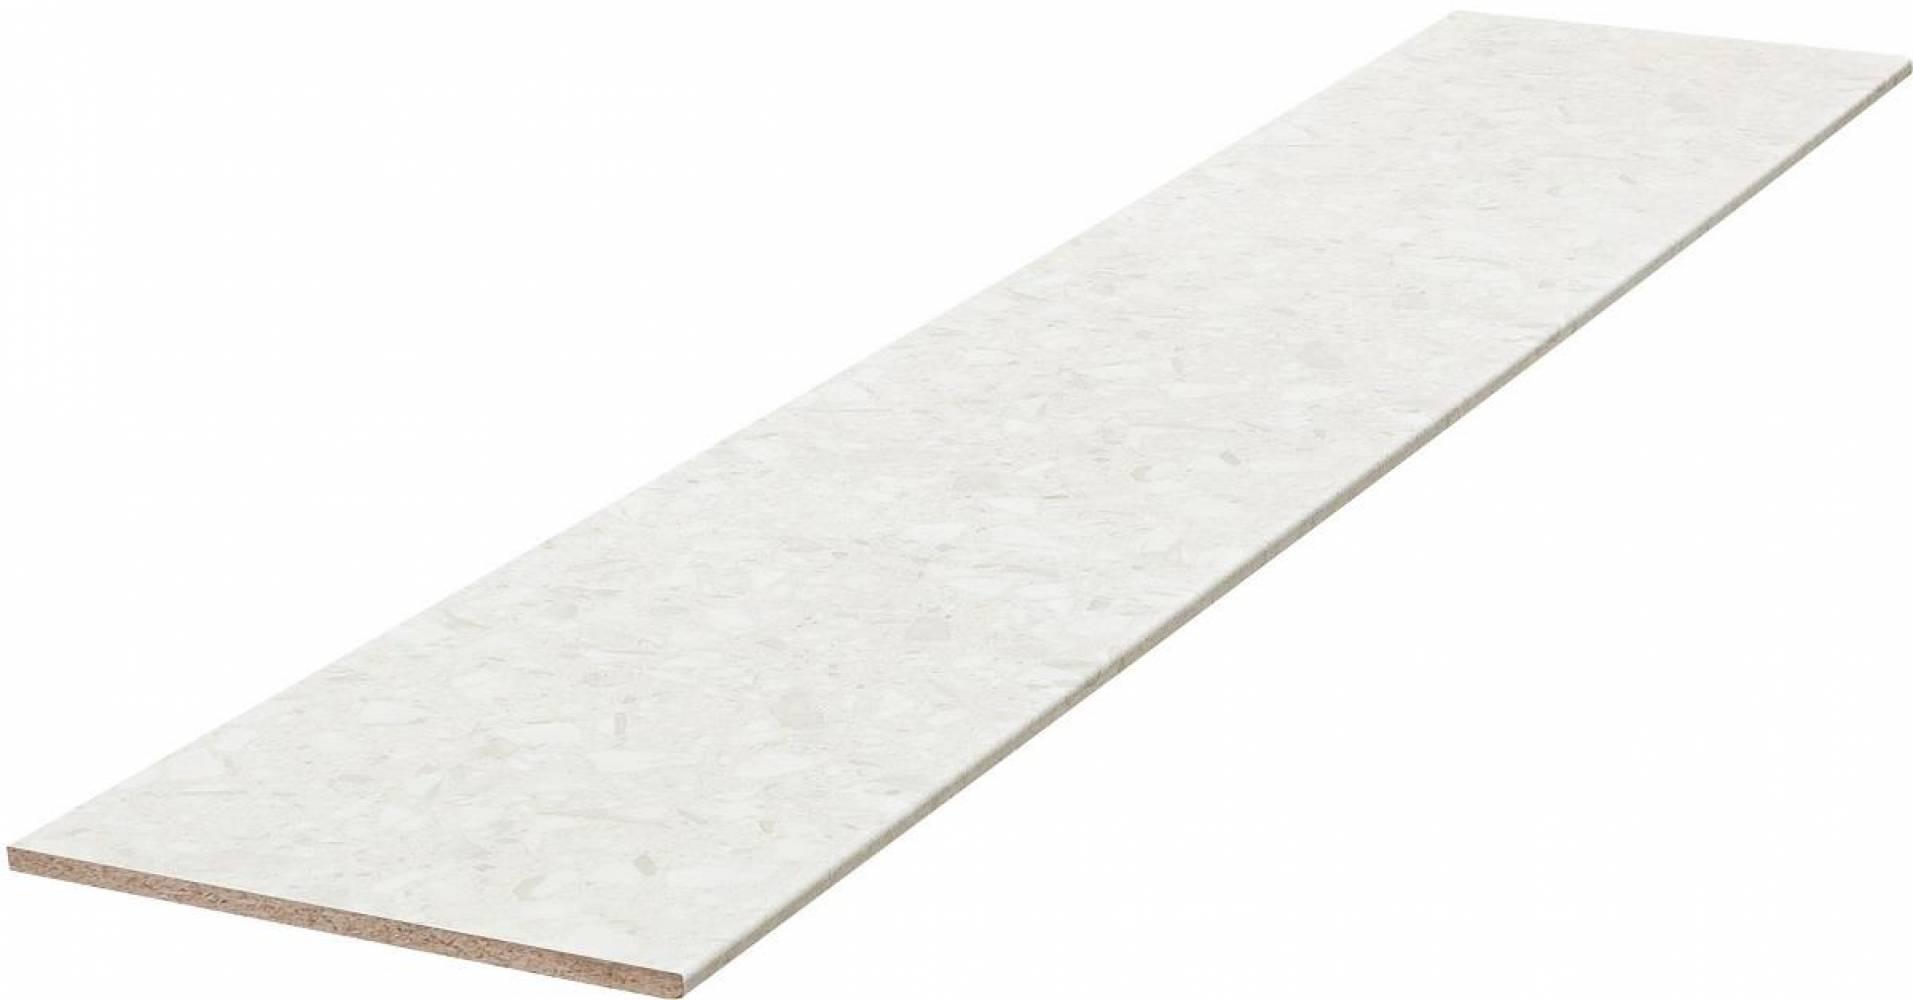 Стеновая панель № 228 Калаката (белые камешки) Матовая Скиф